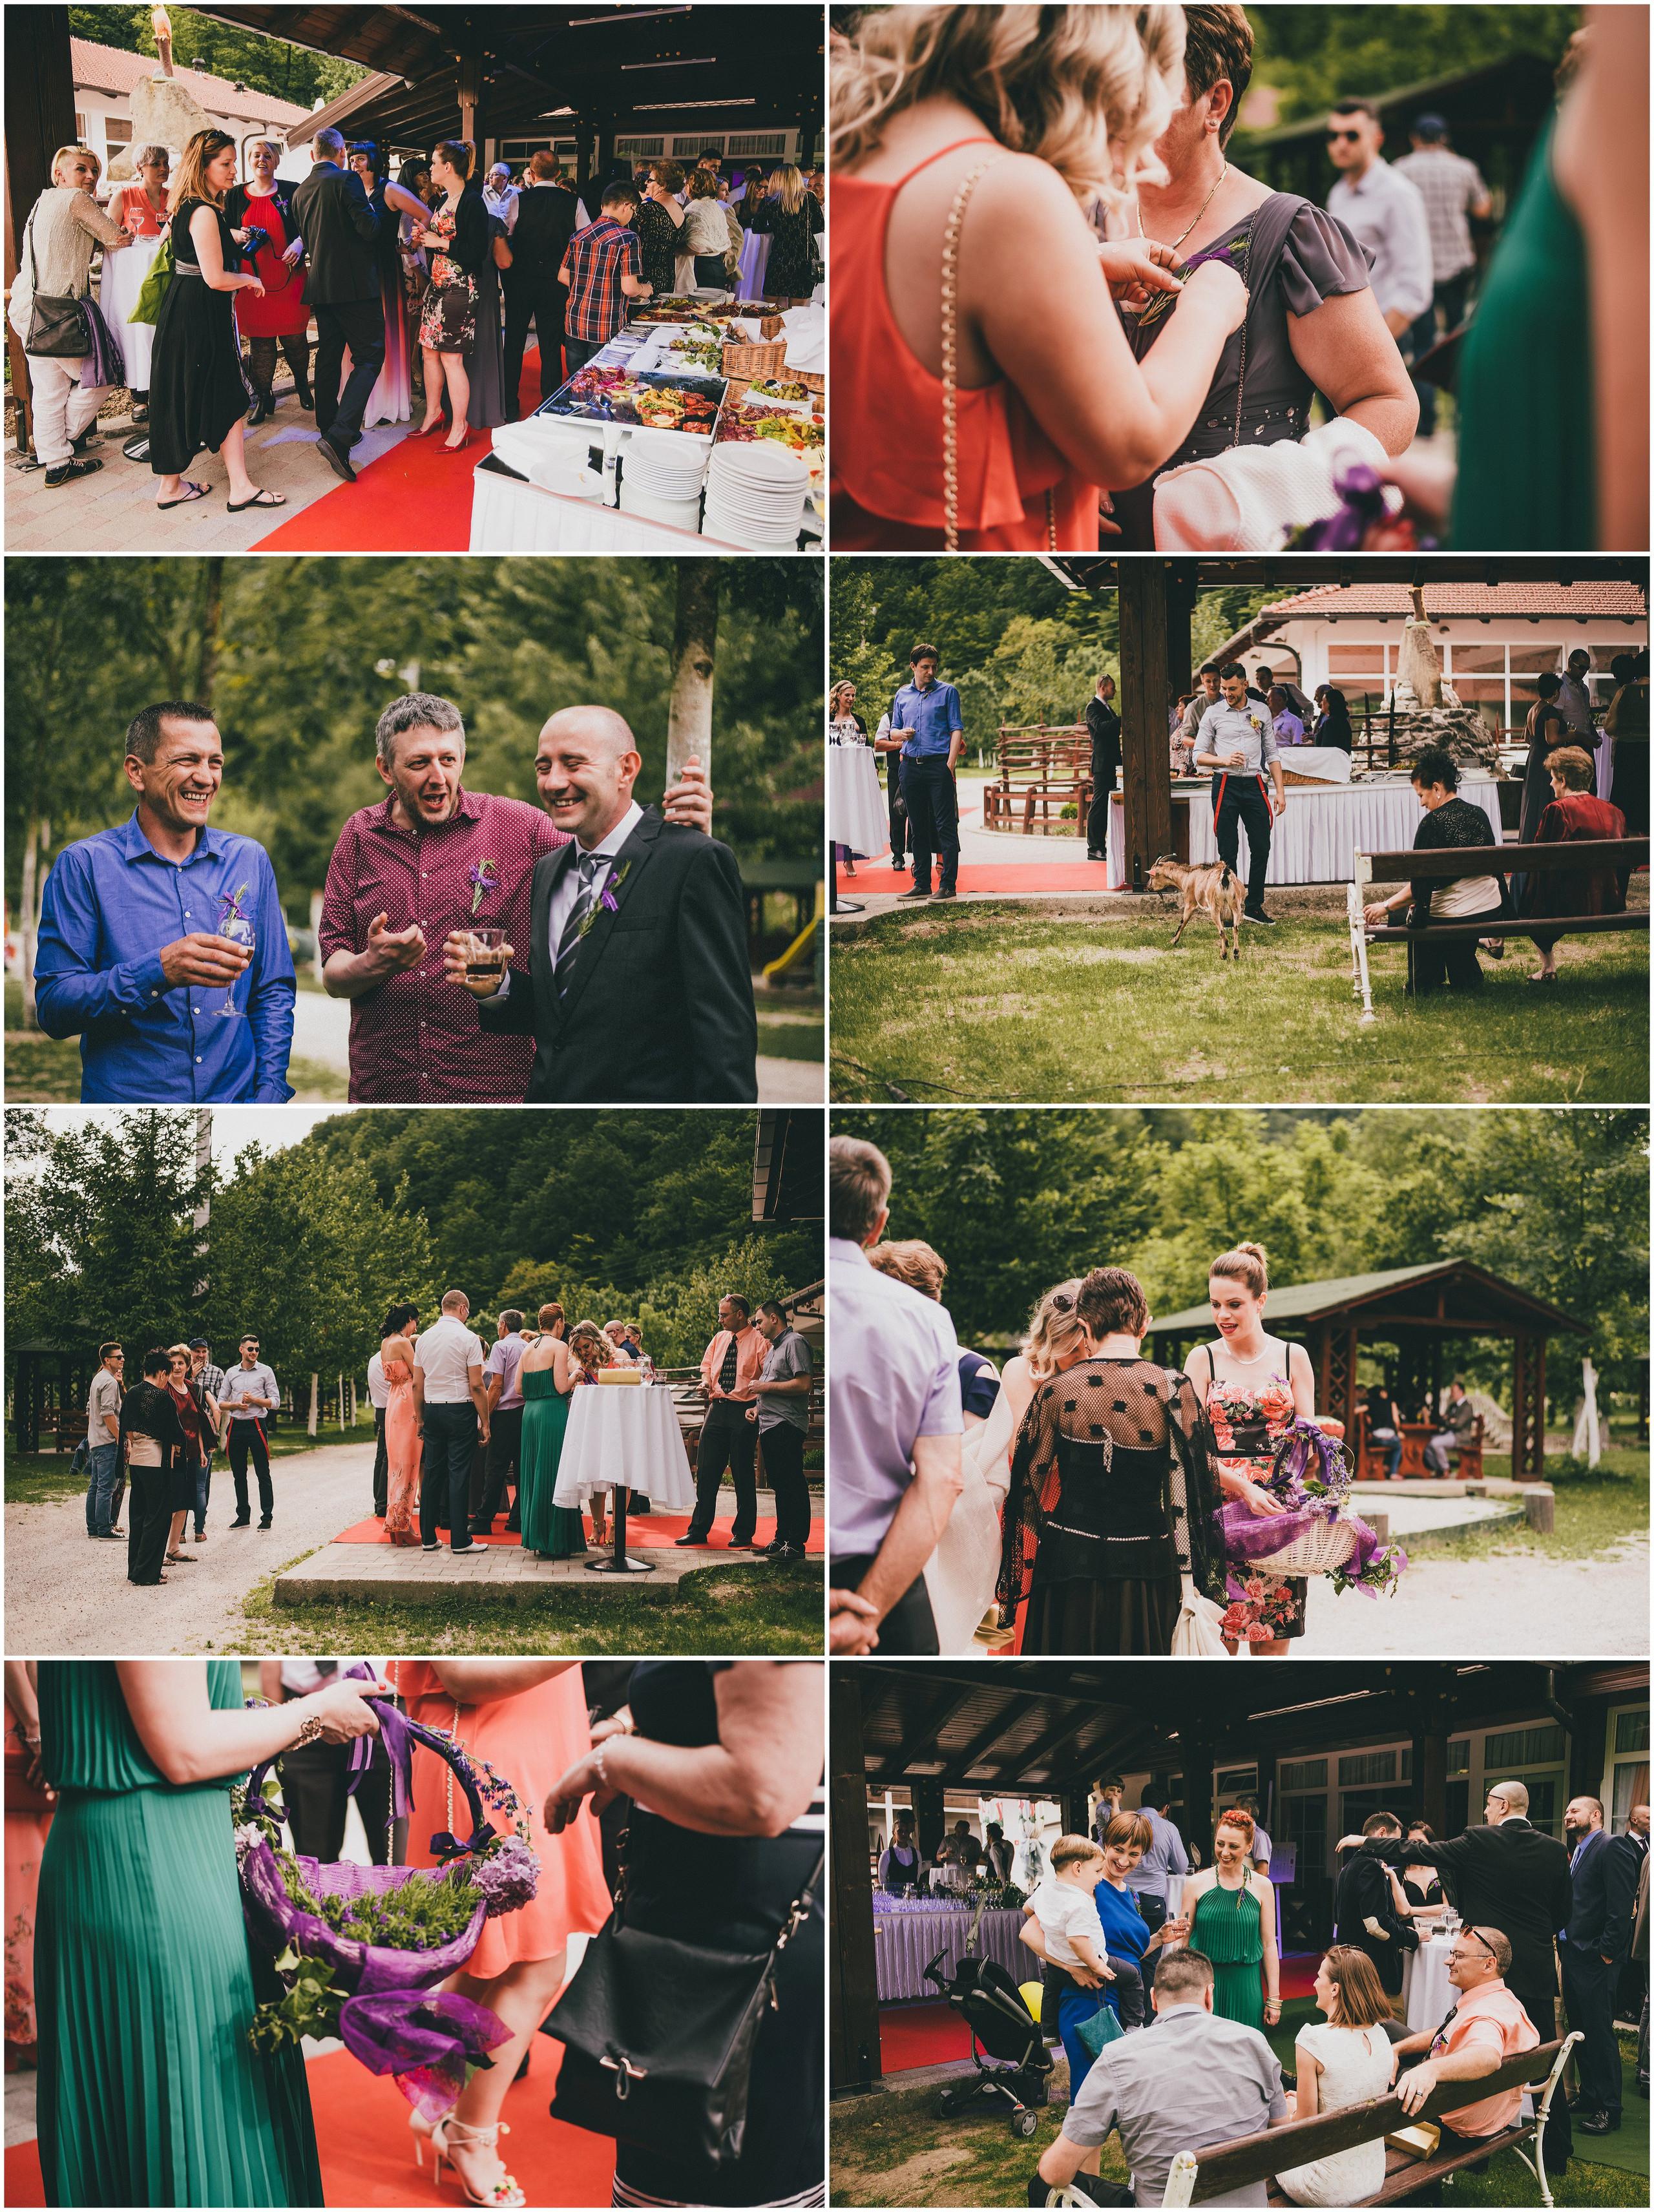 Okupljanje gostiju vjenčanja, Svadbe Divlje Vode